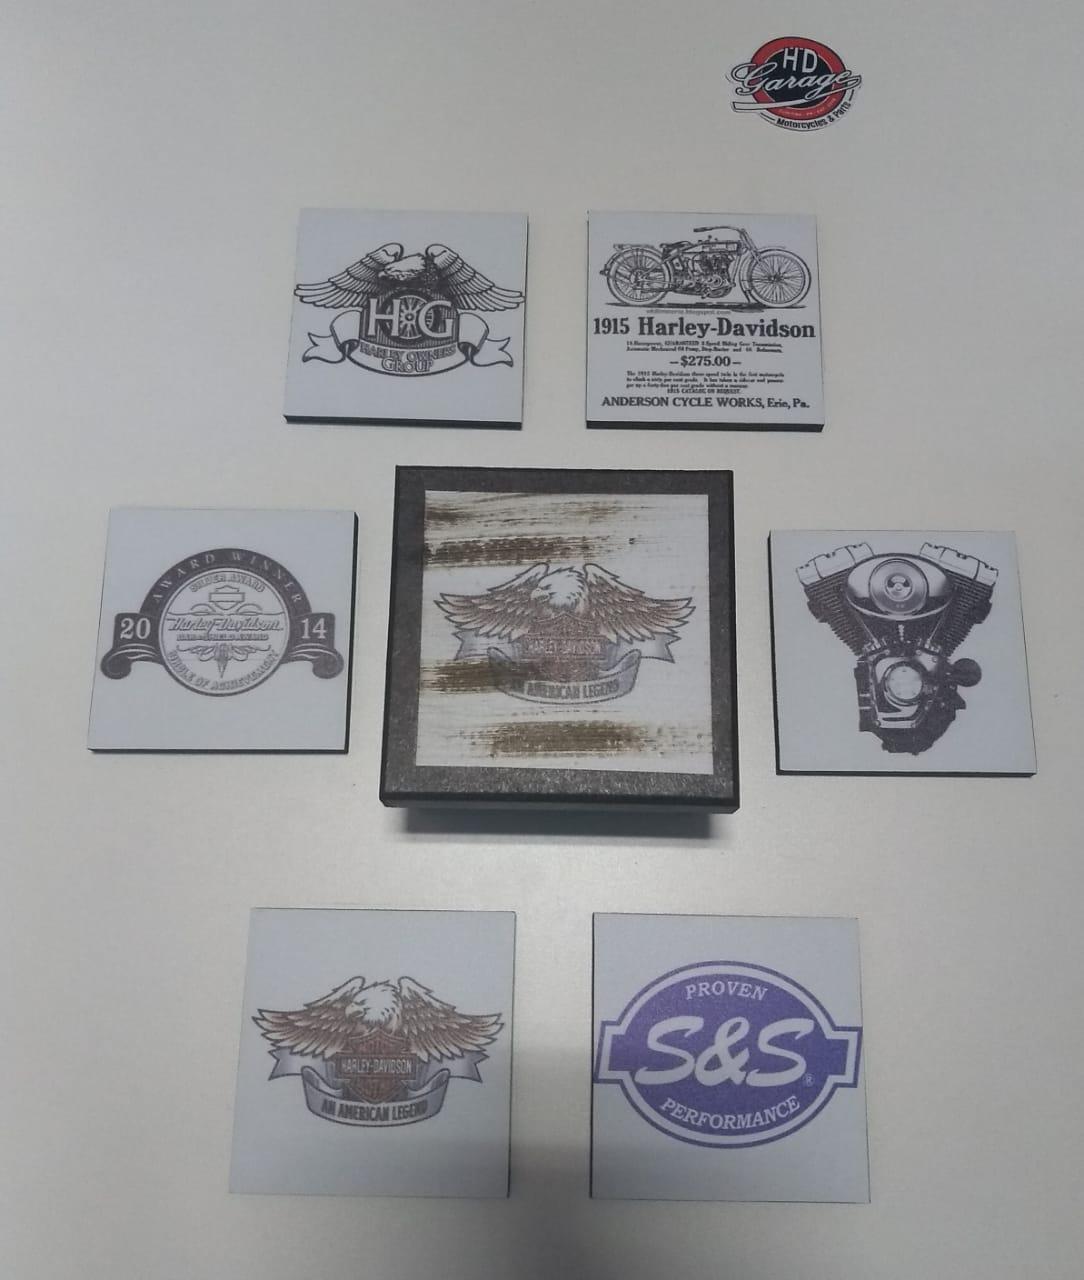 Porta Copos Artesanal em Madeira - Quadrados - 6 unidades - Modelo 14 - 022/29501